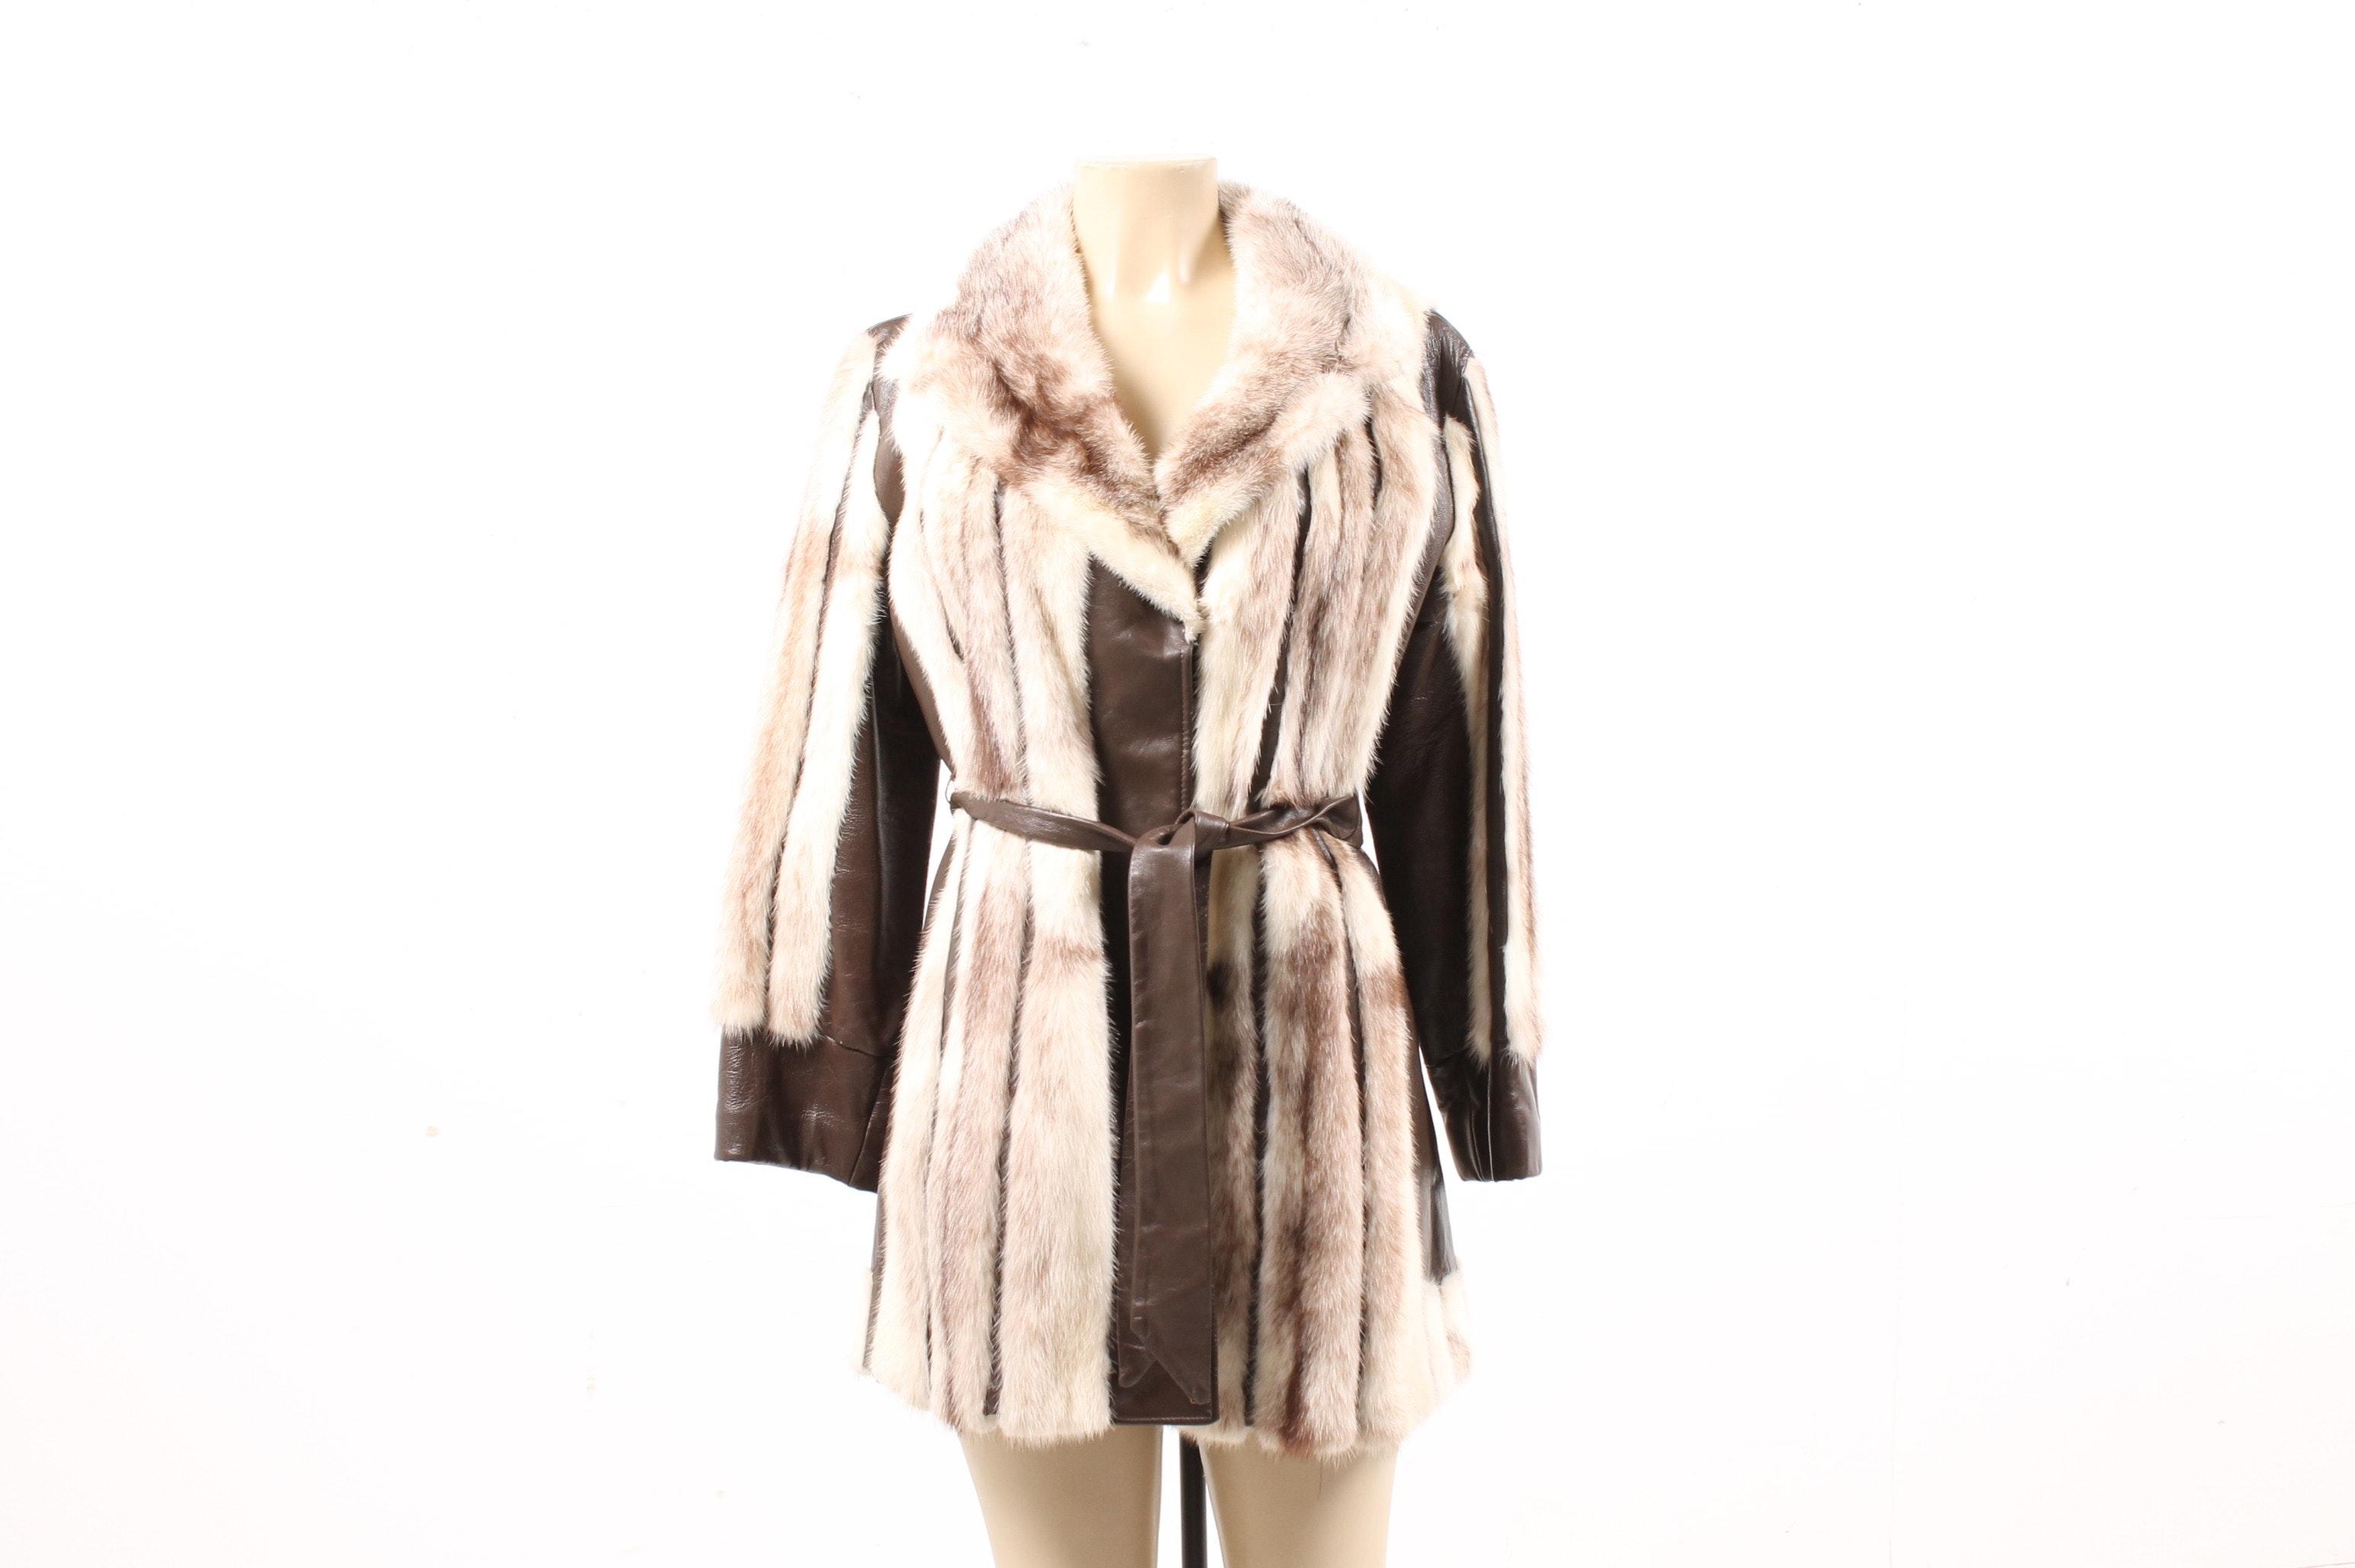 Vintage Mink and Leather Jacket